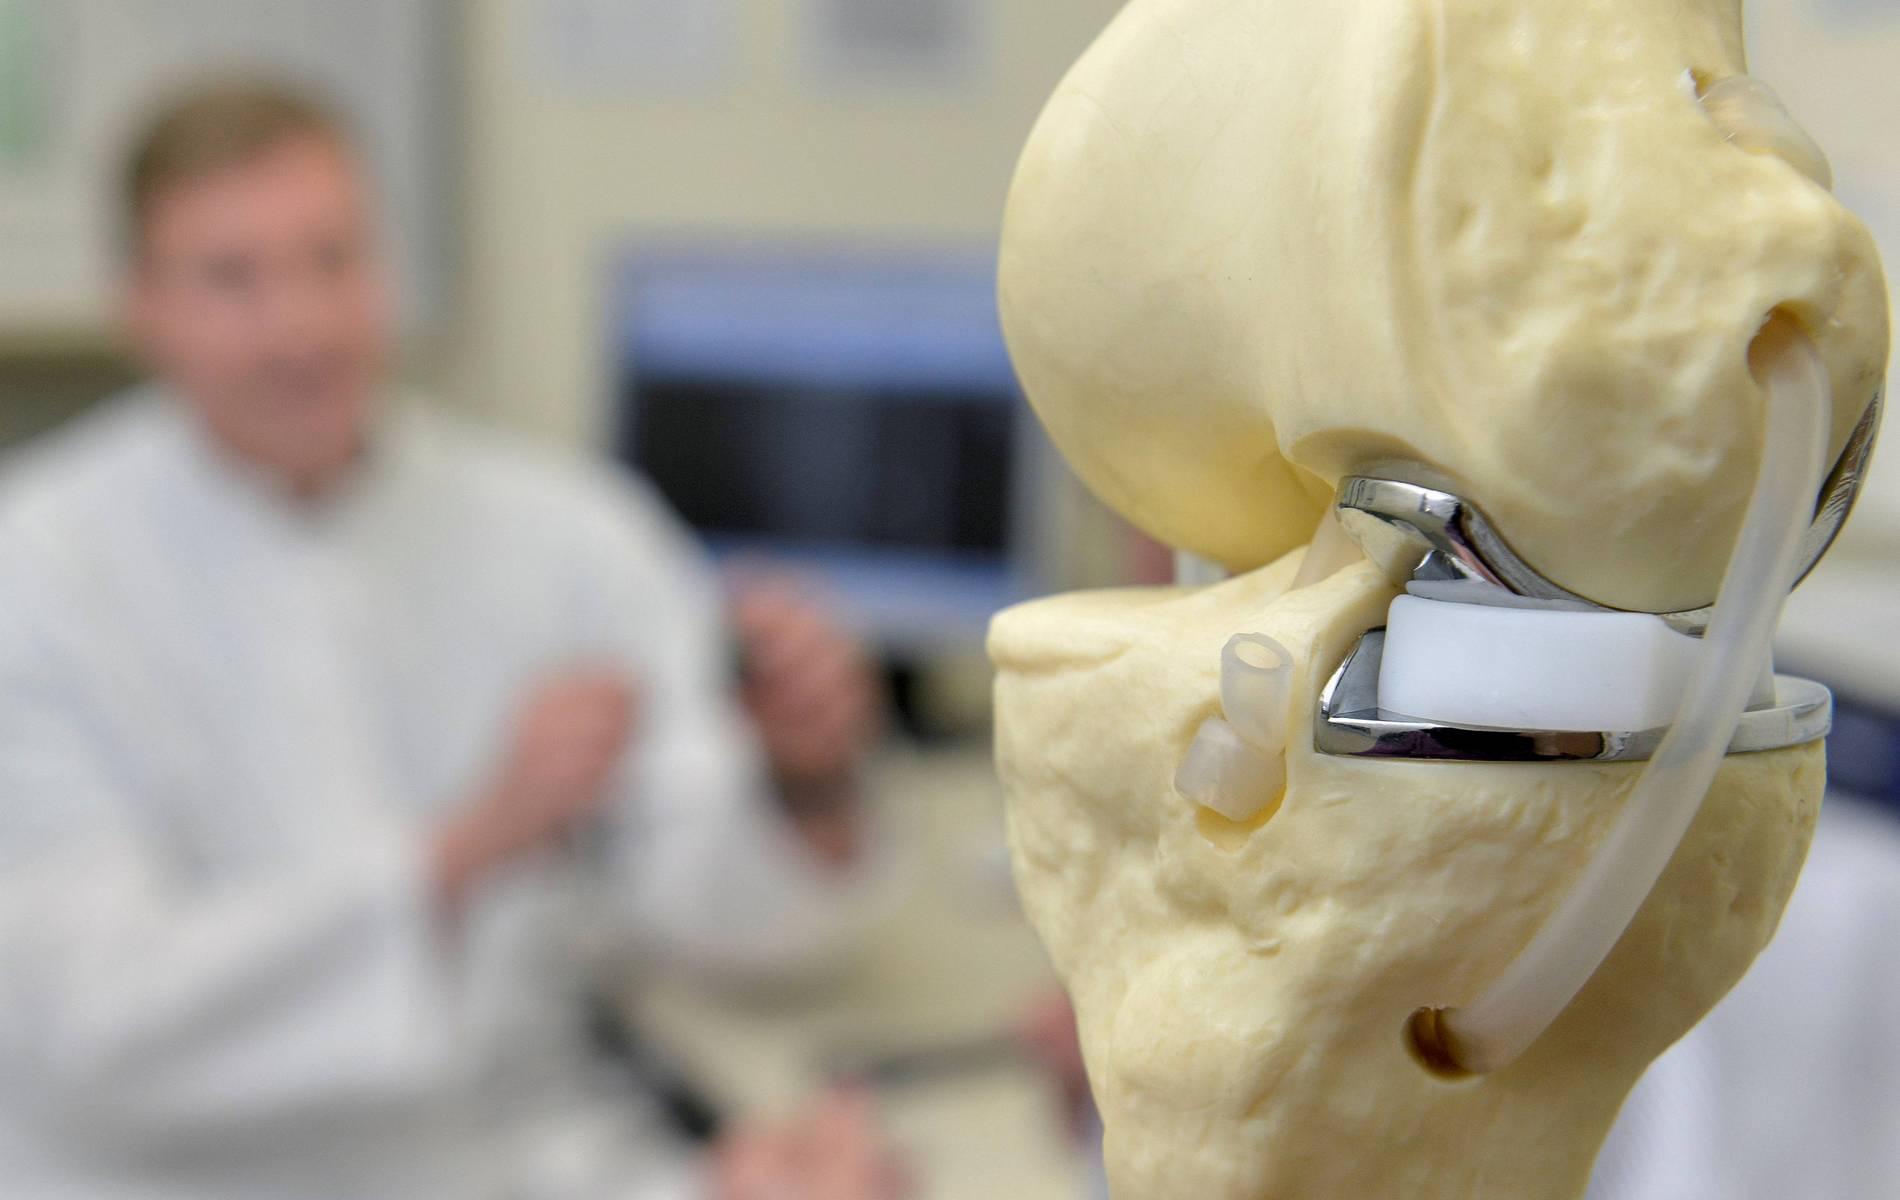 Medien: Verletzungen und Todesfälle durch Medizinprodukte - Homepage